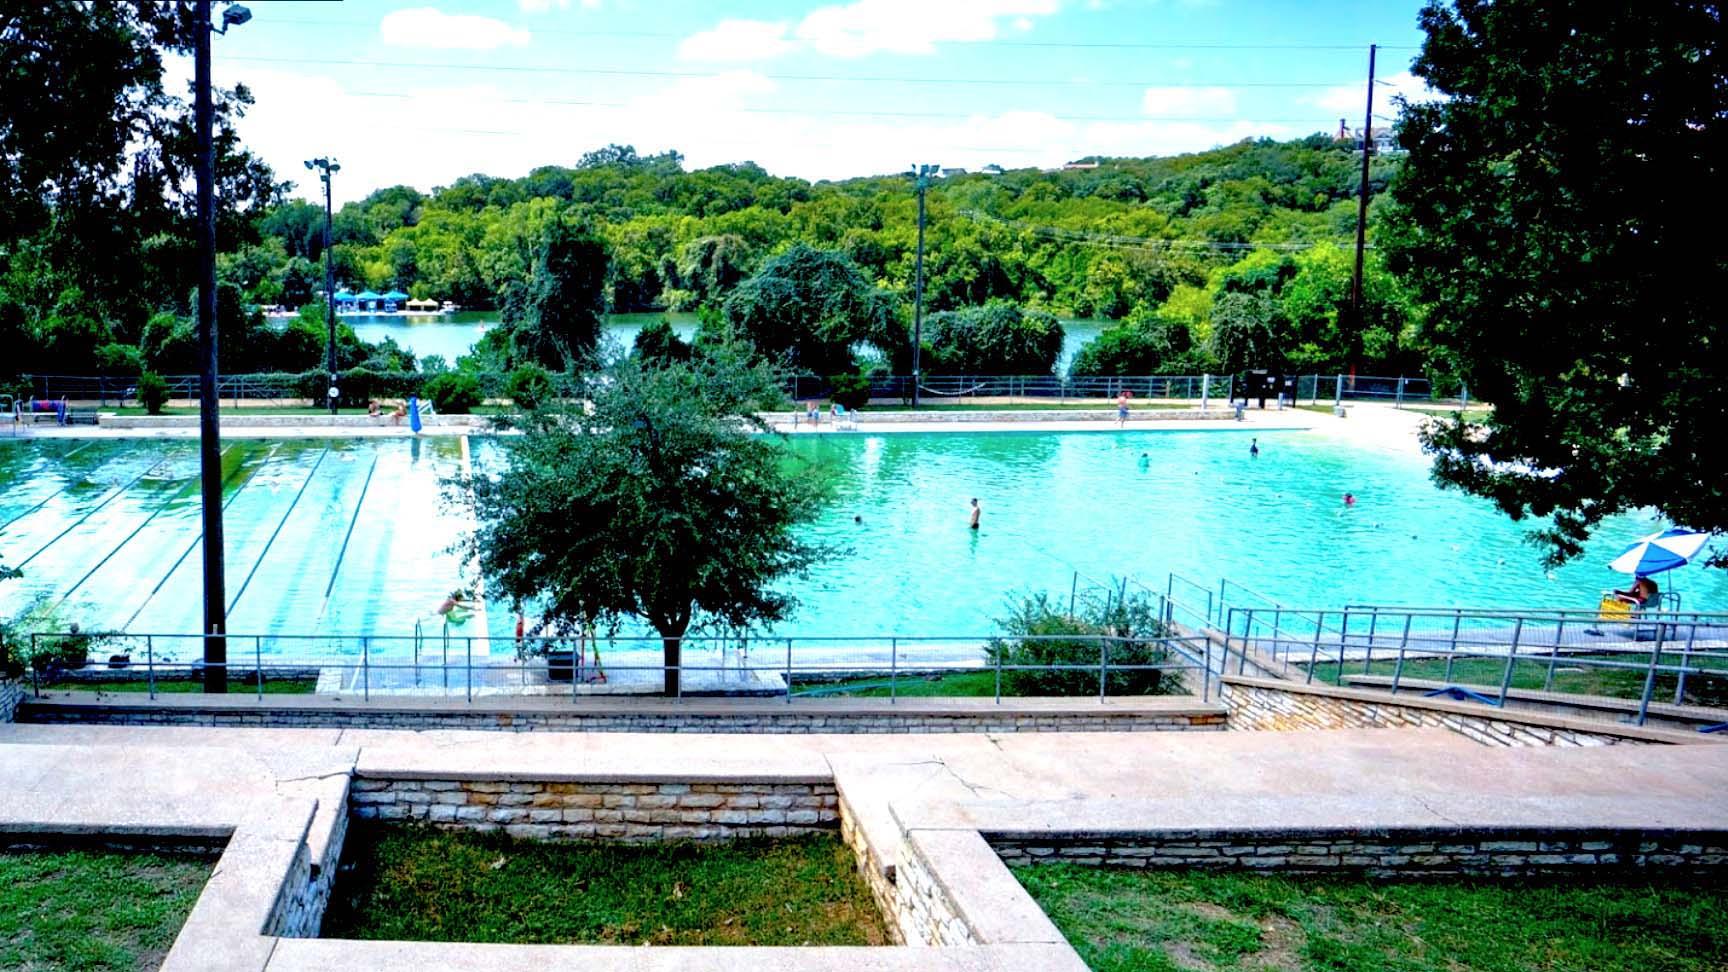 Image of Deep Eddy (Eiler's) Park